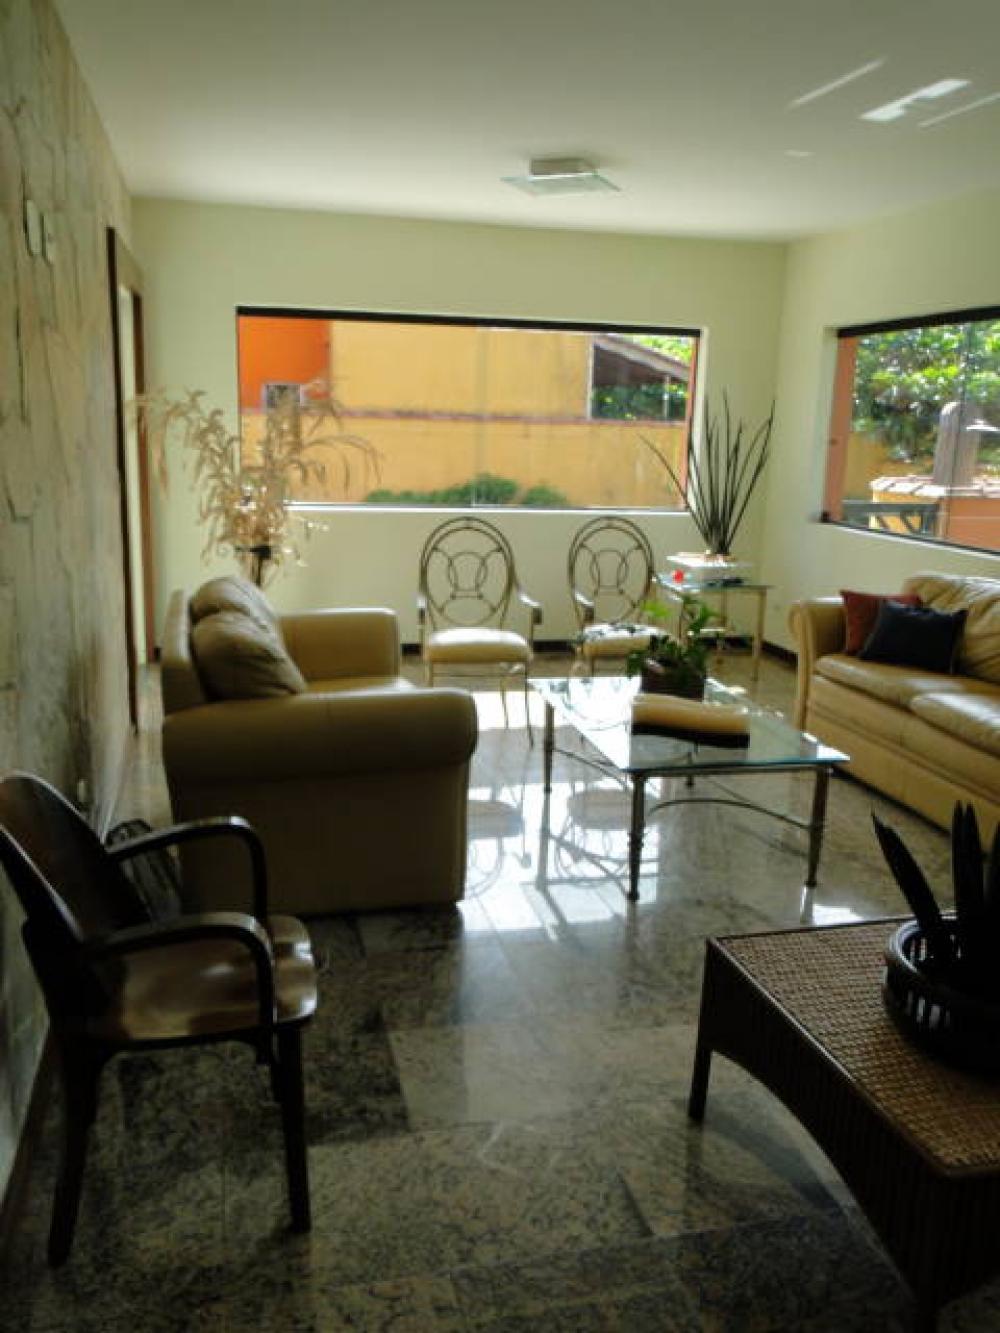 Comprar Casa / Condomínio em Bertioga R$ 1.900.000,00 - Foto 31